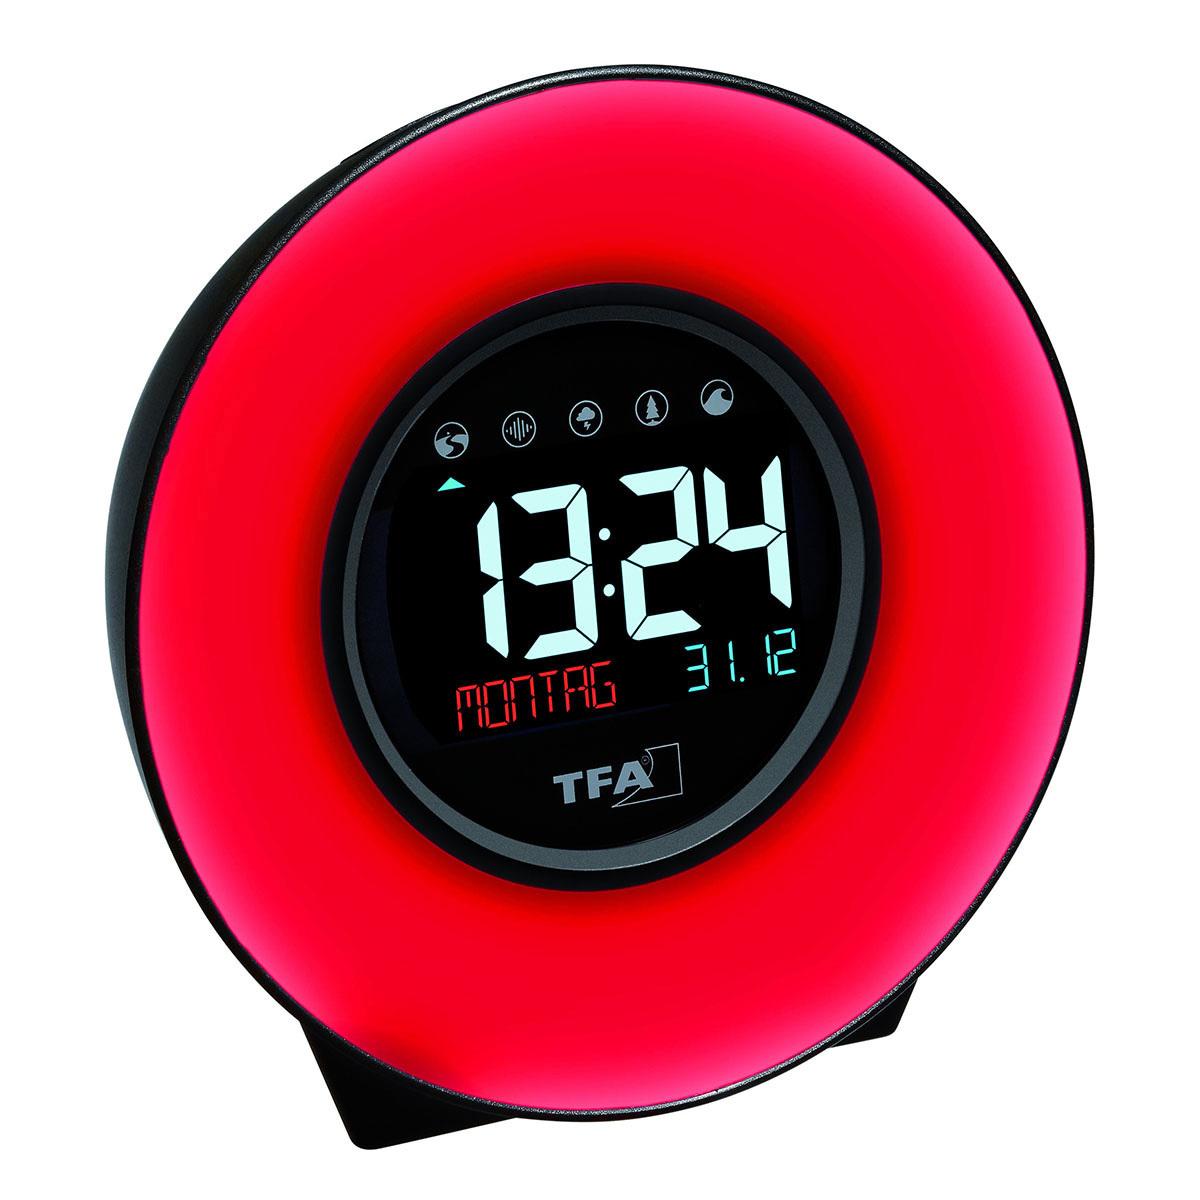 60-2023-02-lichtwecker-mit-naturgeräuschen-farbwechsel-stimmungslicht-mood-light-rot-1200x1200px.jpg